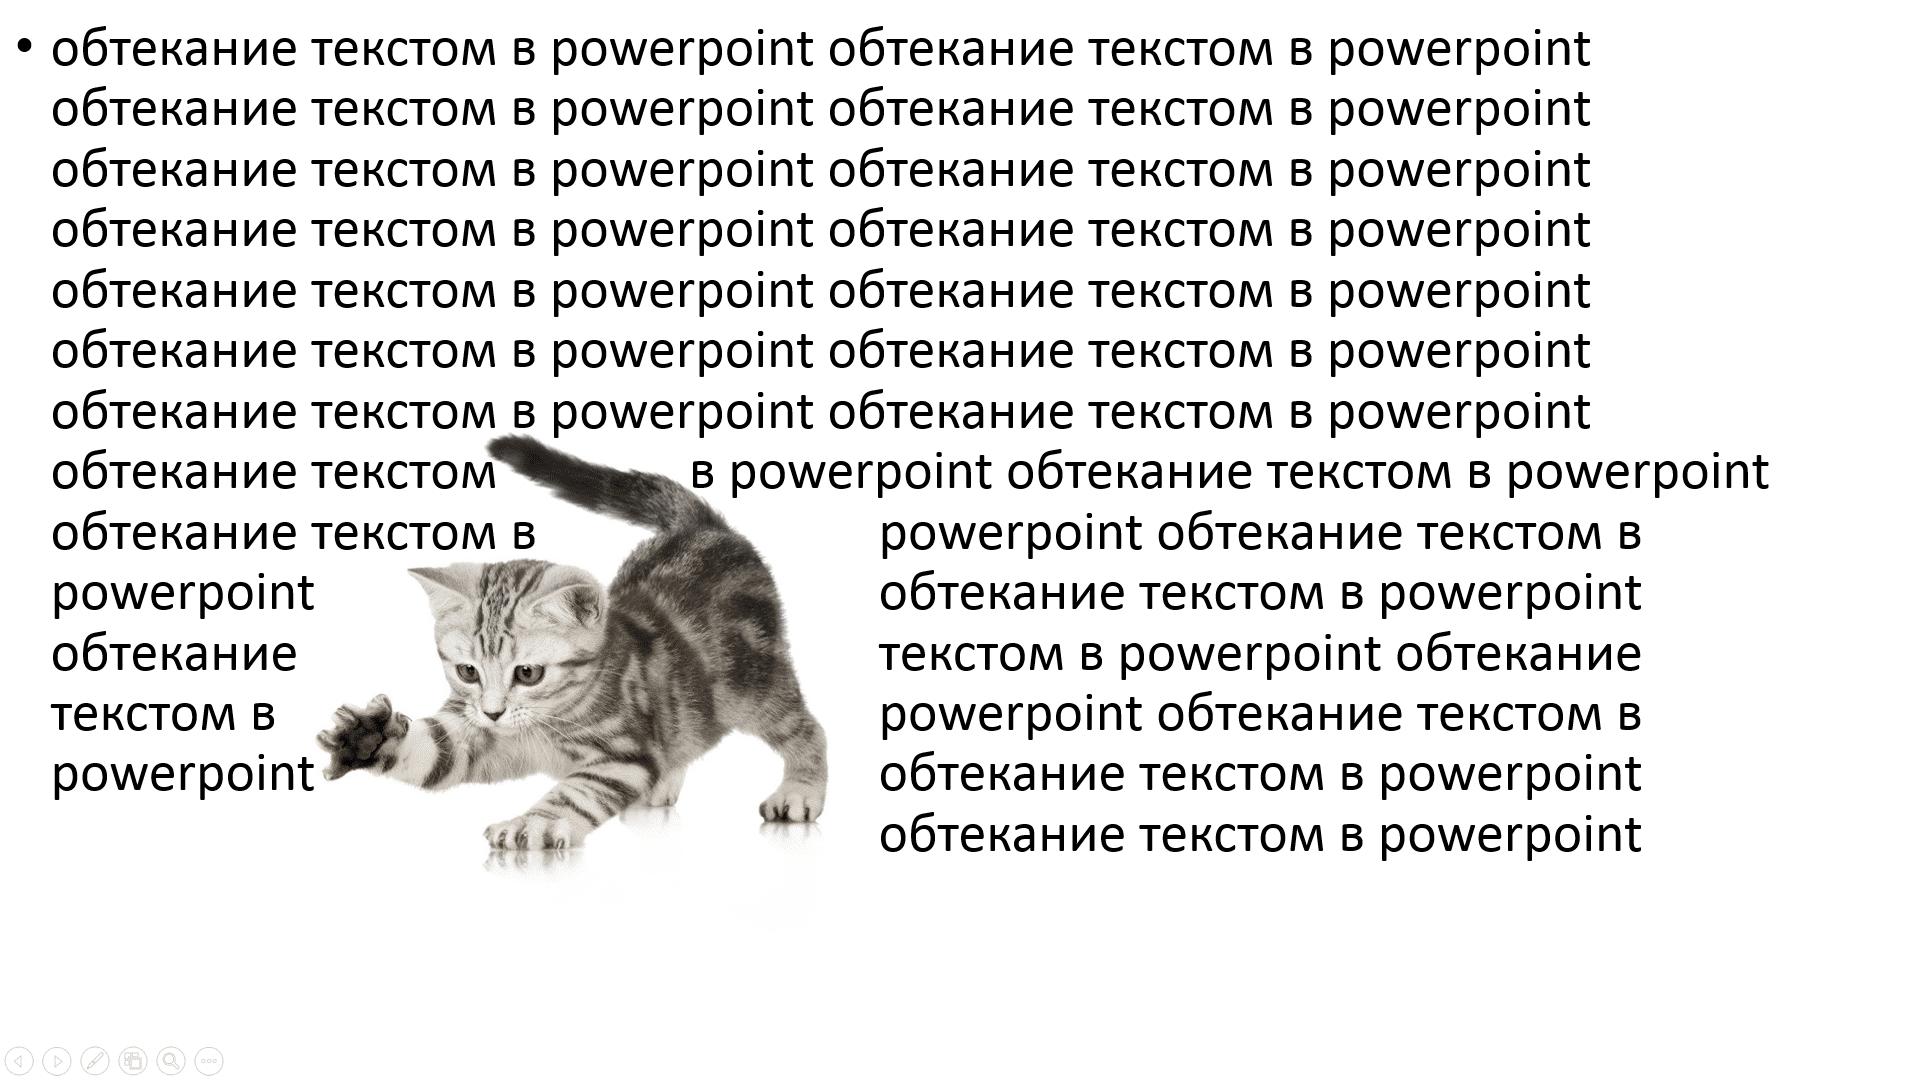 Как сделать обтекание картинки текстом в HTML и CSS 96